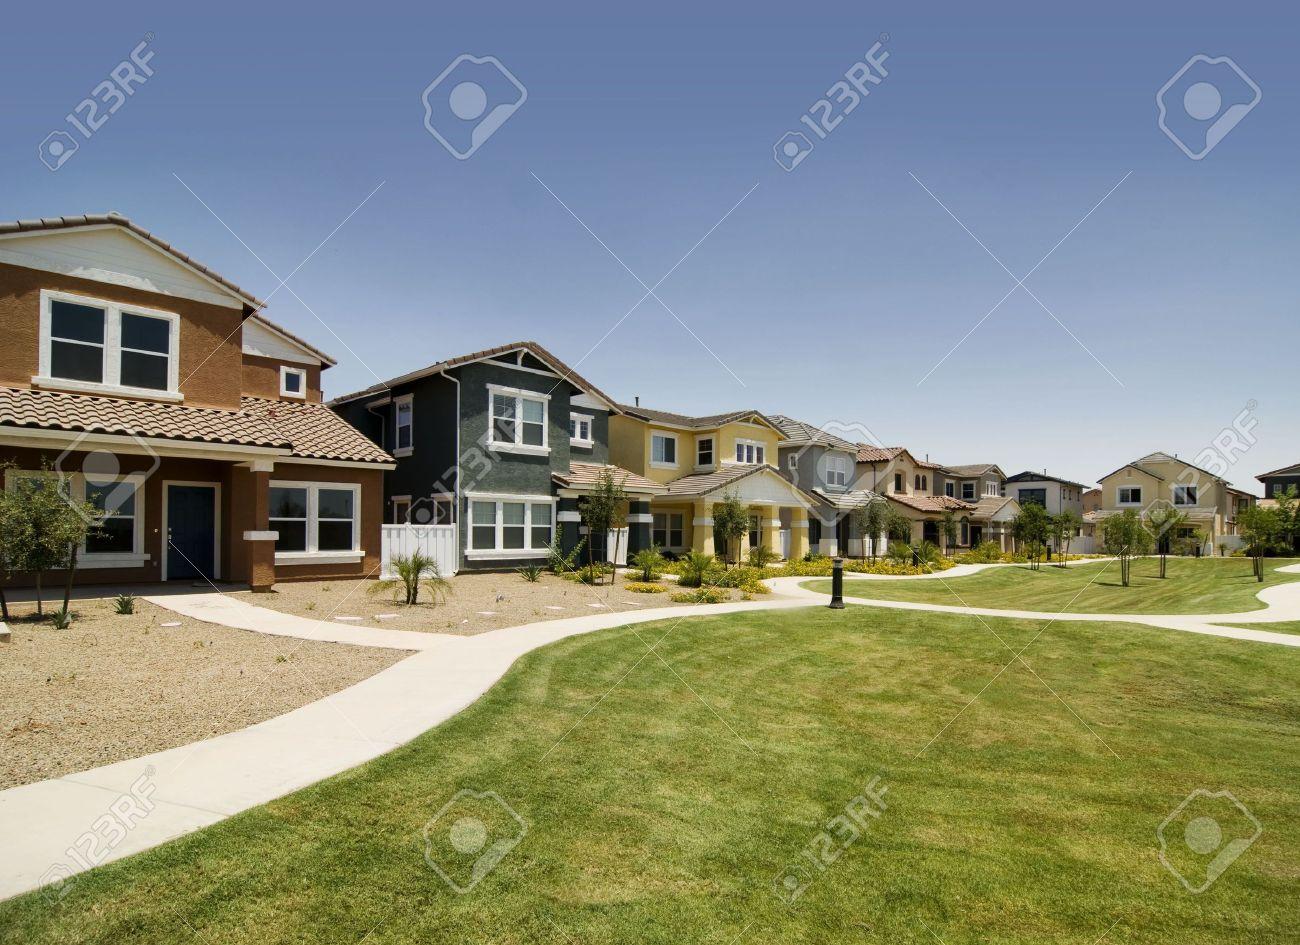 Superb Reihe Von Häusern In Den Neuen S Gemeinschaft Standard Bild   3260949